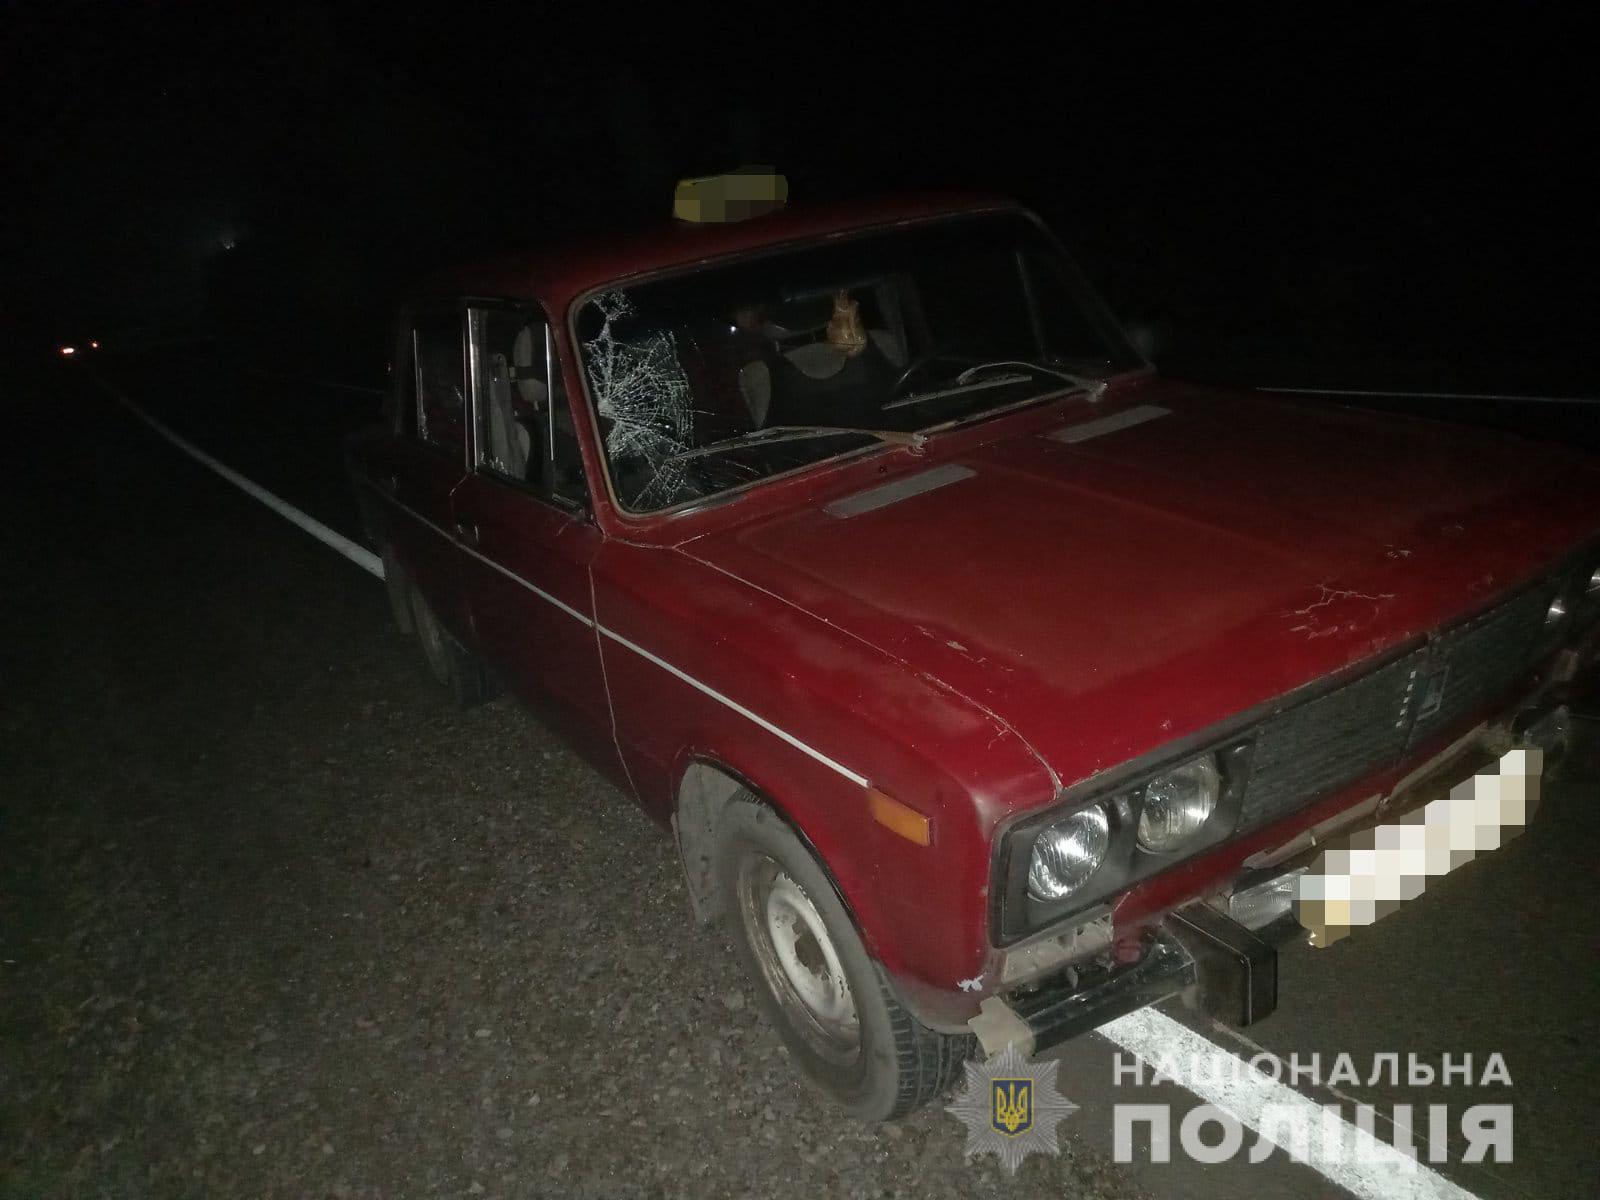 На Харьковщине насмерть сбит пешеход (фото)